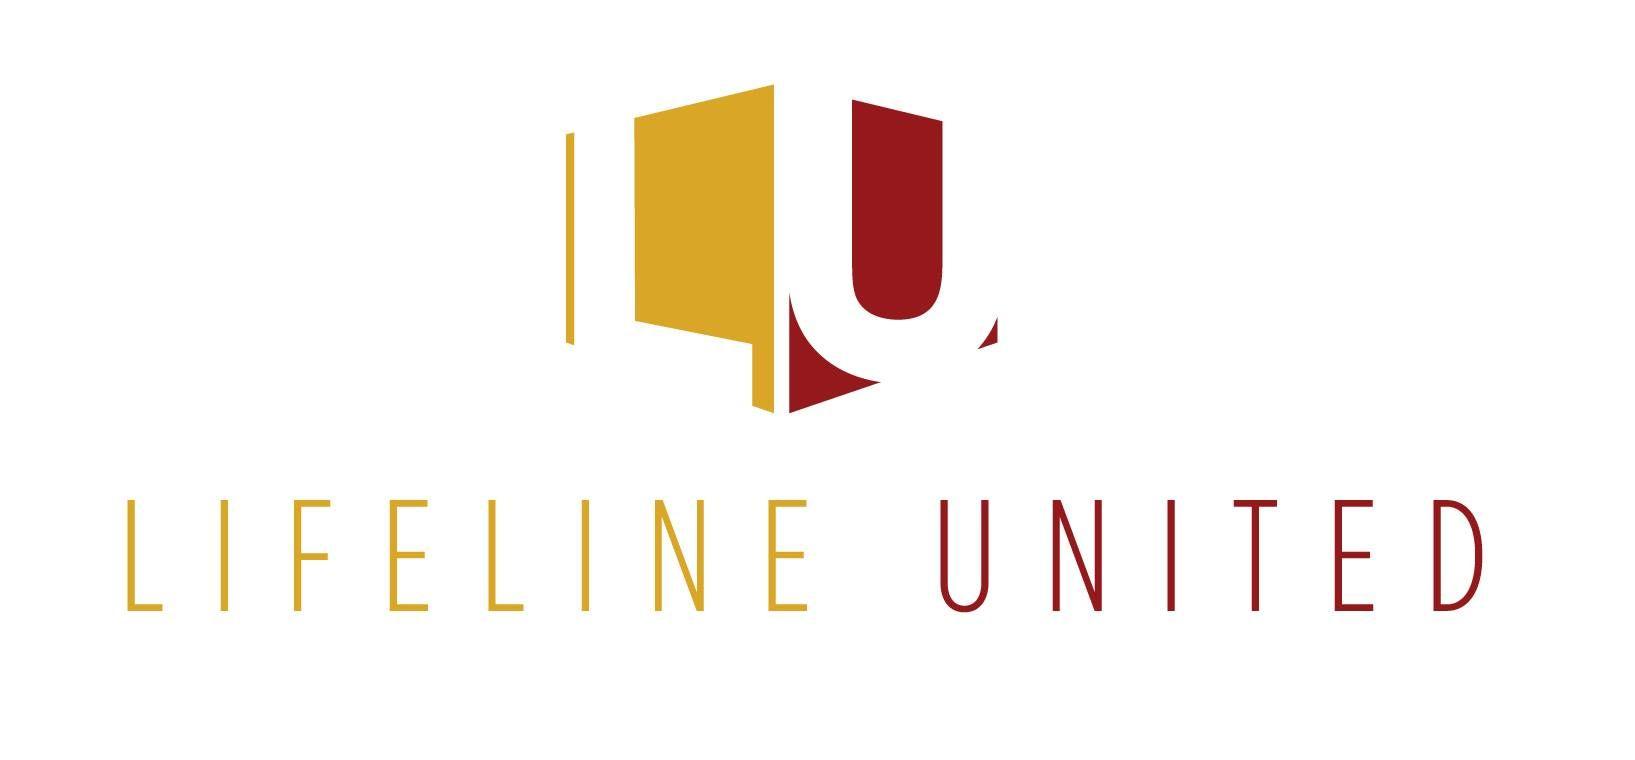 Lifeline United Healthcare Solutions Ltd